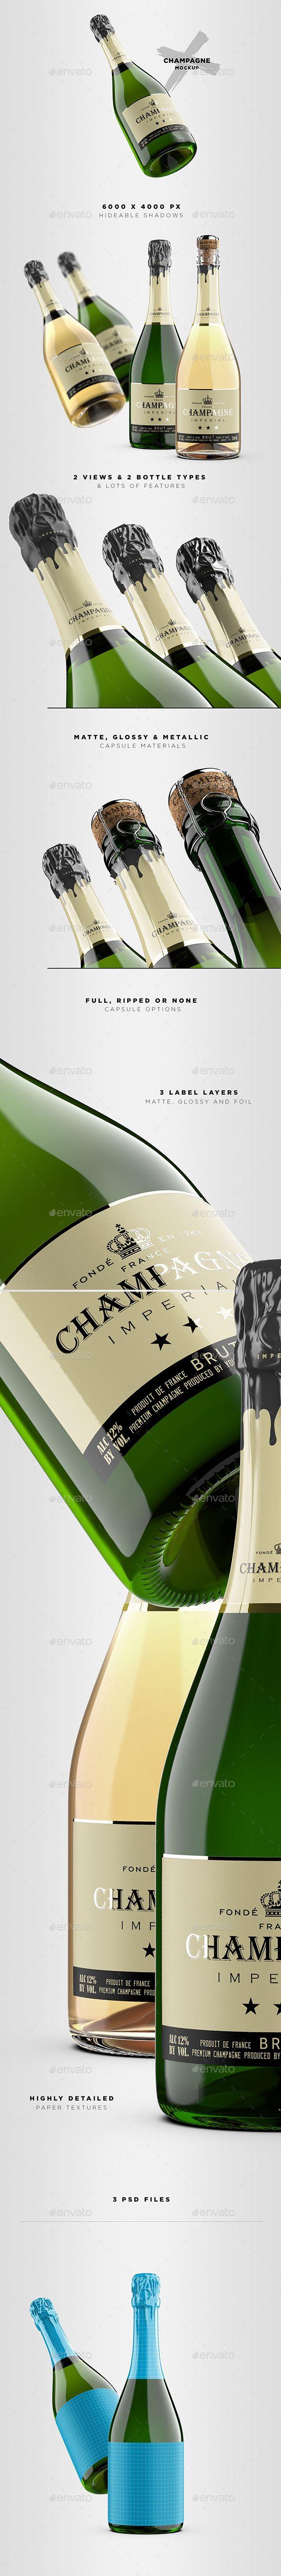 Download Champagne Bottle Mockup Bottle Mockup Champagne Bottle Sparkling Wine Label